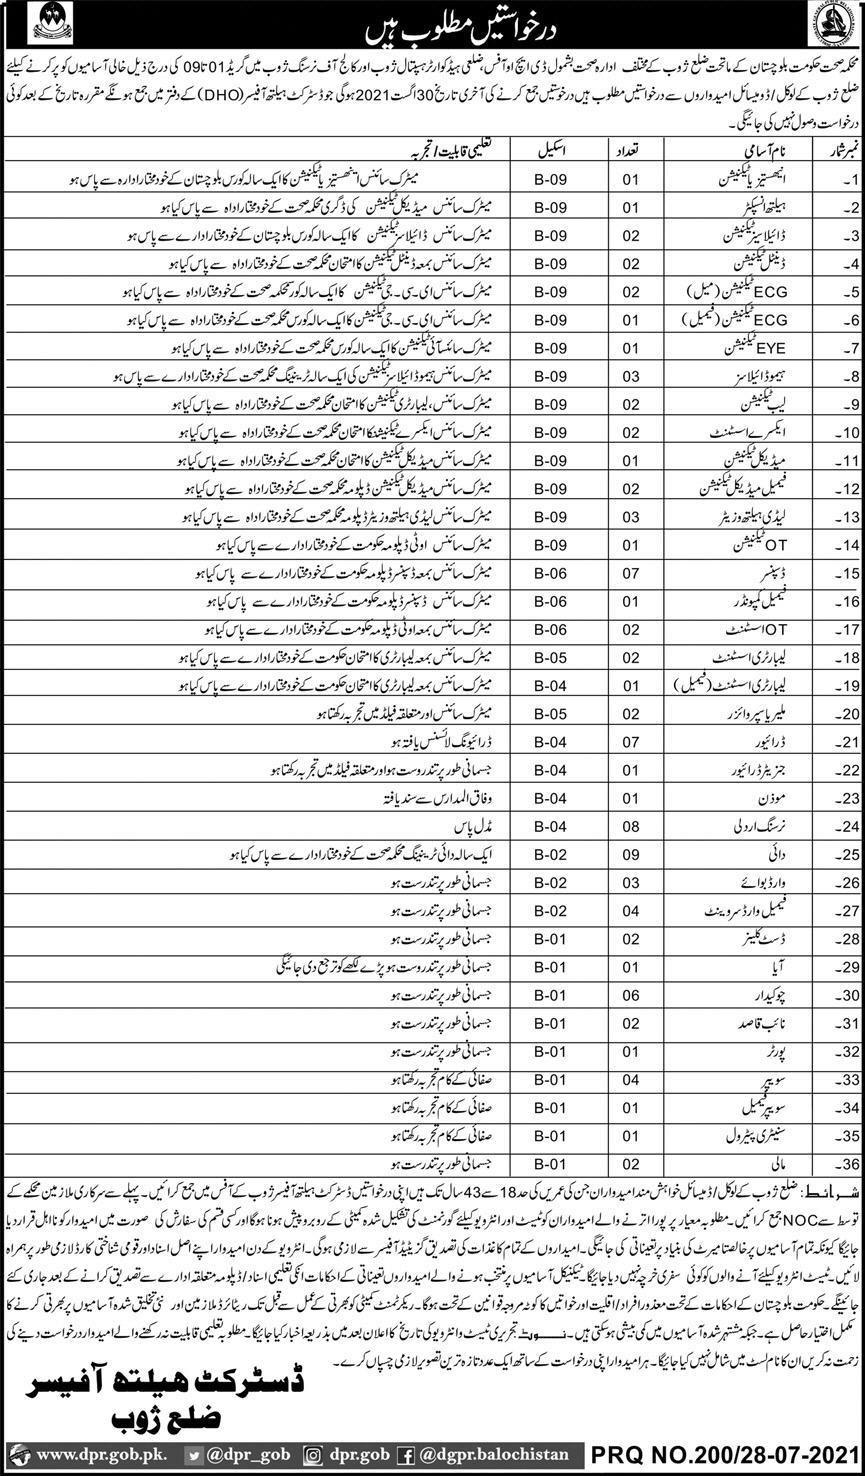 www.dpr.gob.pk Jobs 2021 - Health Department Zhob Jobs 2021 in Pakistan